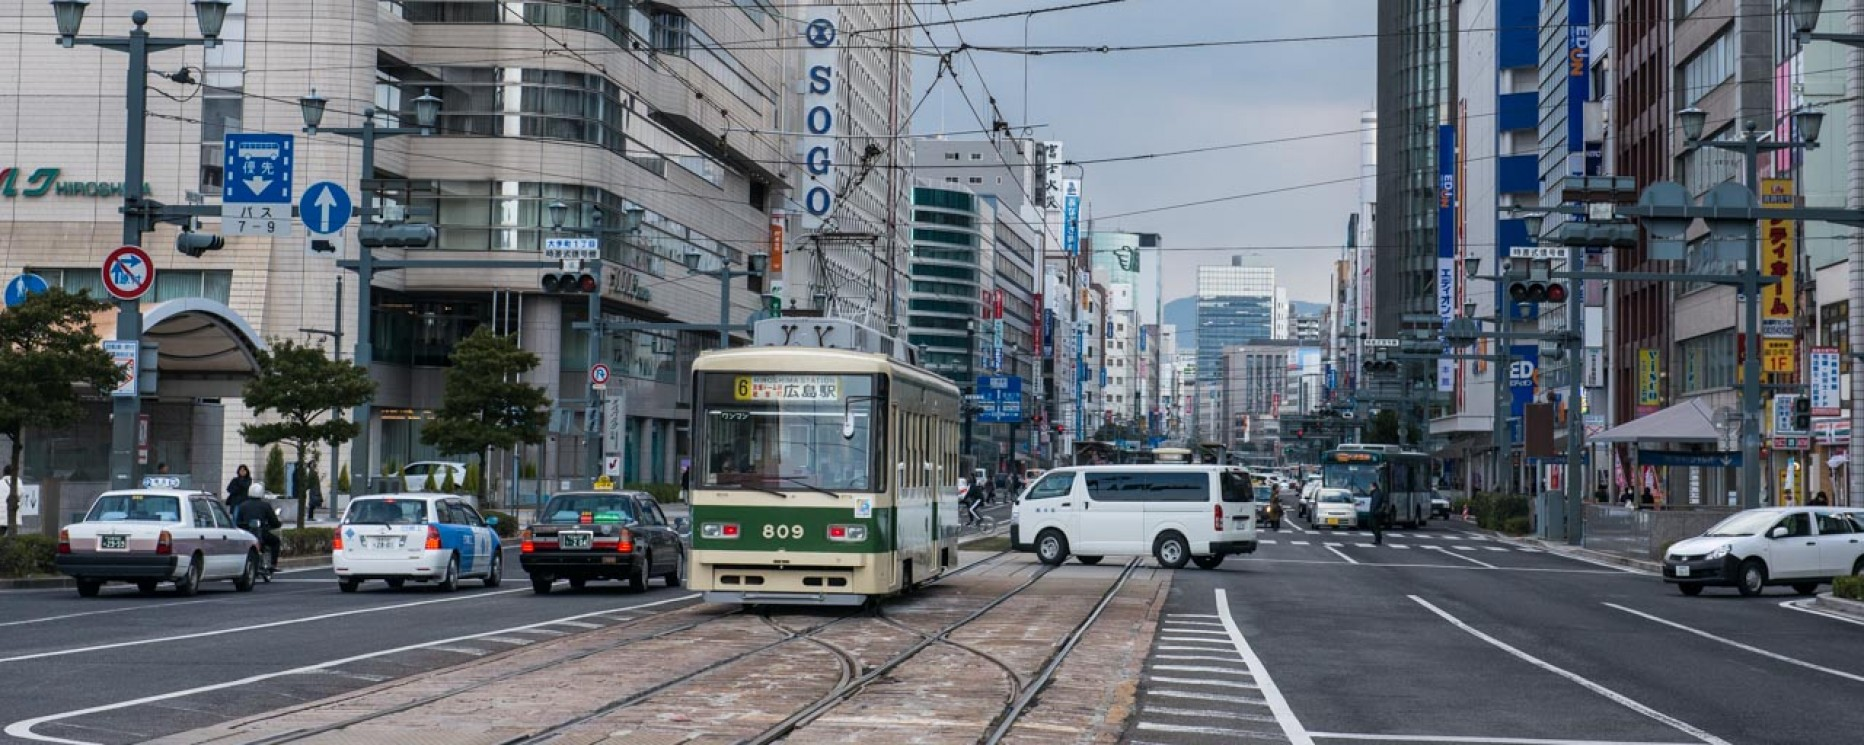 JAPON – Hiroshima, 70 ans plus tard